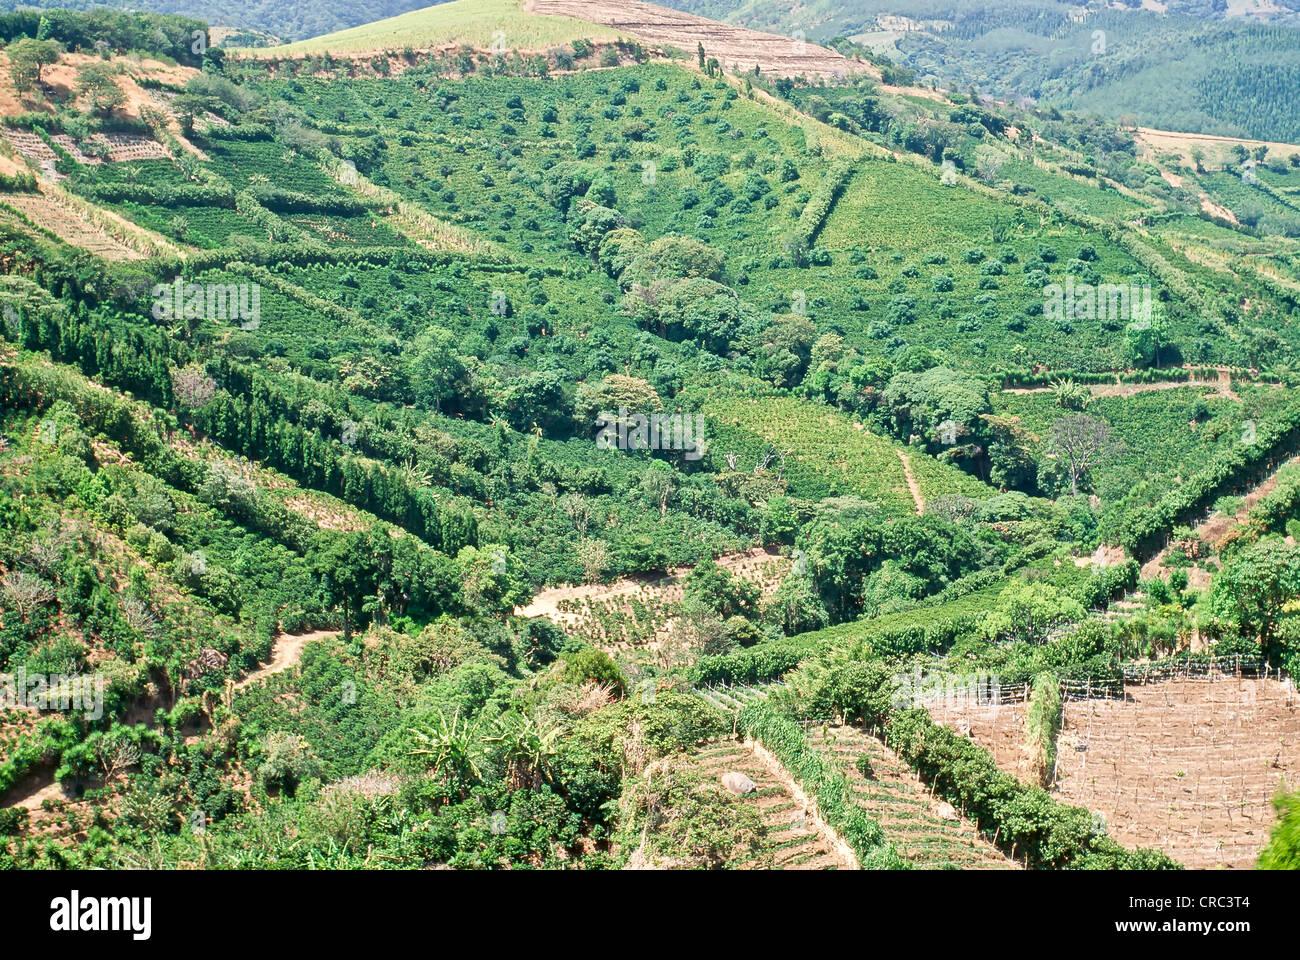 Las plantaciones de café, cultivos intercalados con árboles frutales tropicales. Imagen De Stock